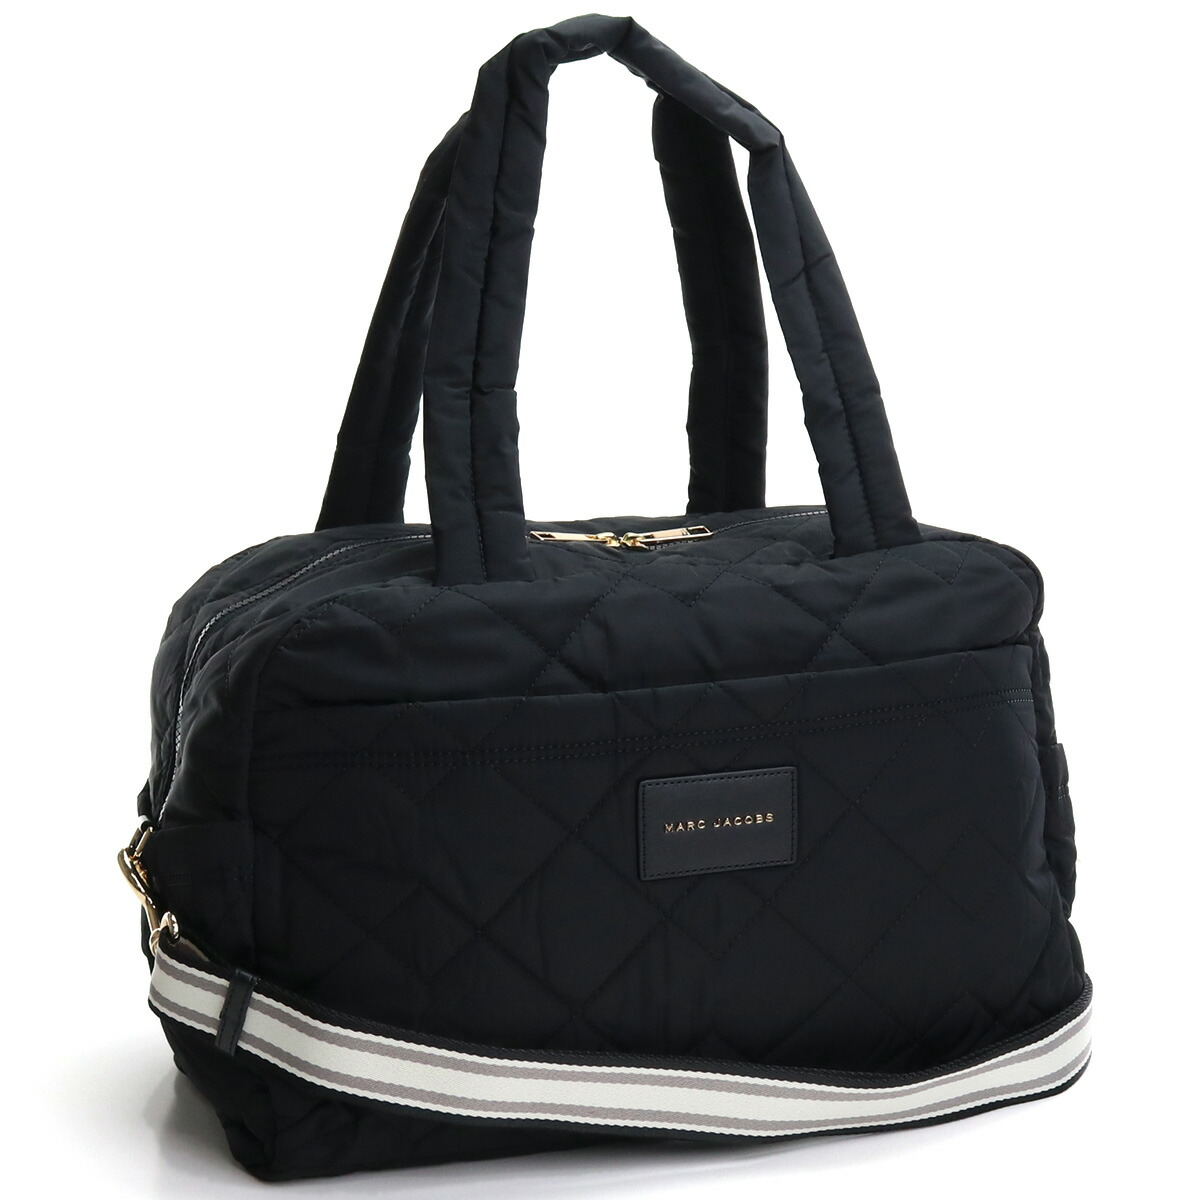 マーク・ジェイコブス MARC JACOBS MEDIUM WEEKENDER ボストンバッグ ボストンバッグ ブランドバッグ 旅行バッグ M0017014 001 BLACK ブラック bag-01